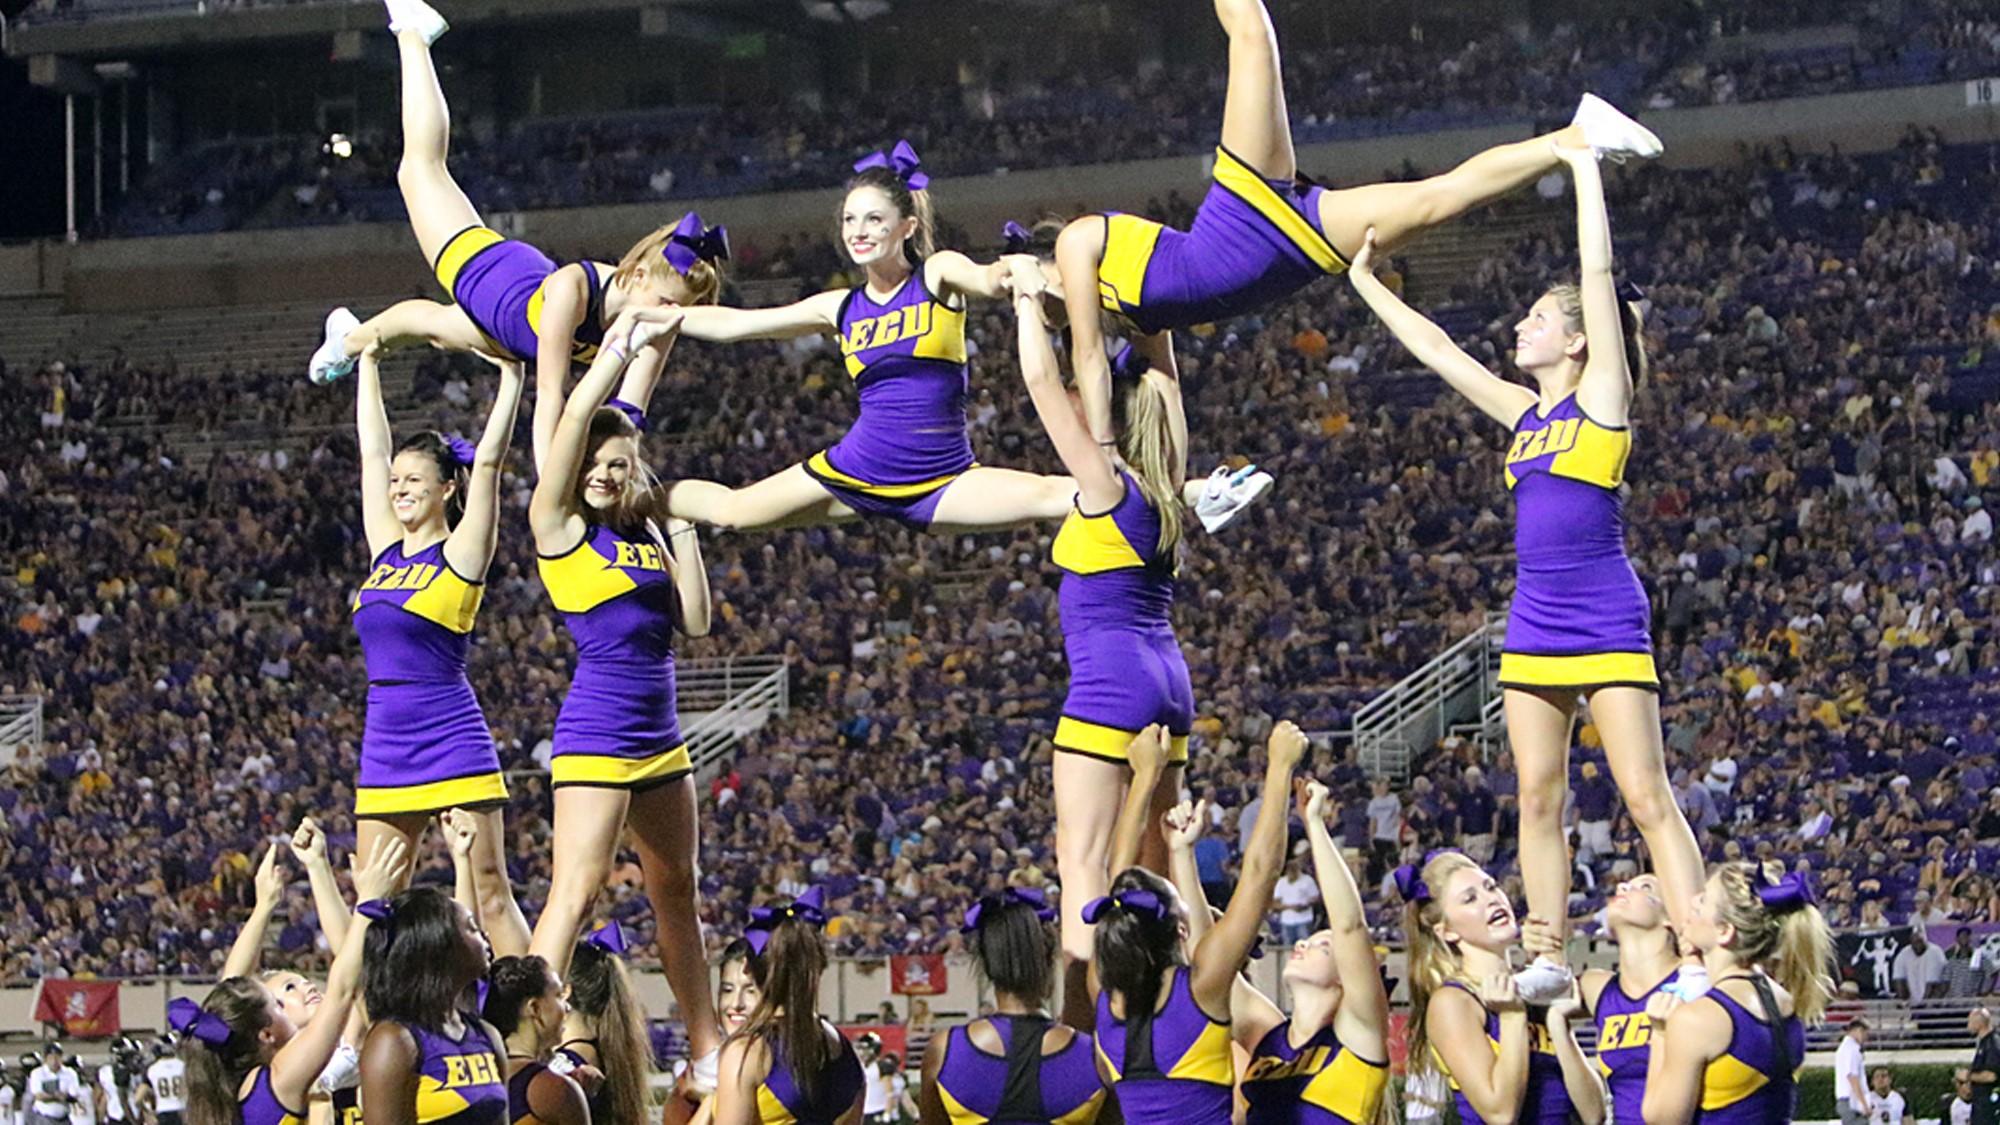 Cheer story photo 2